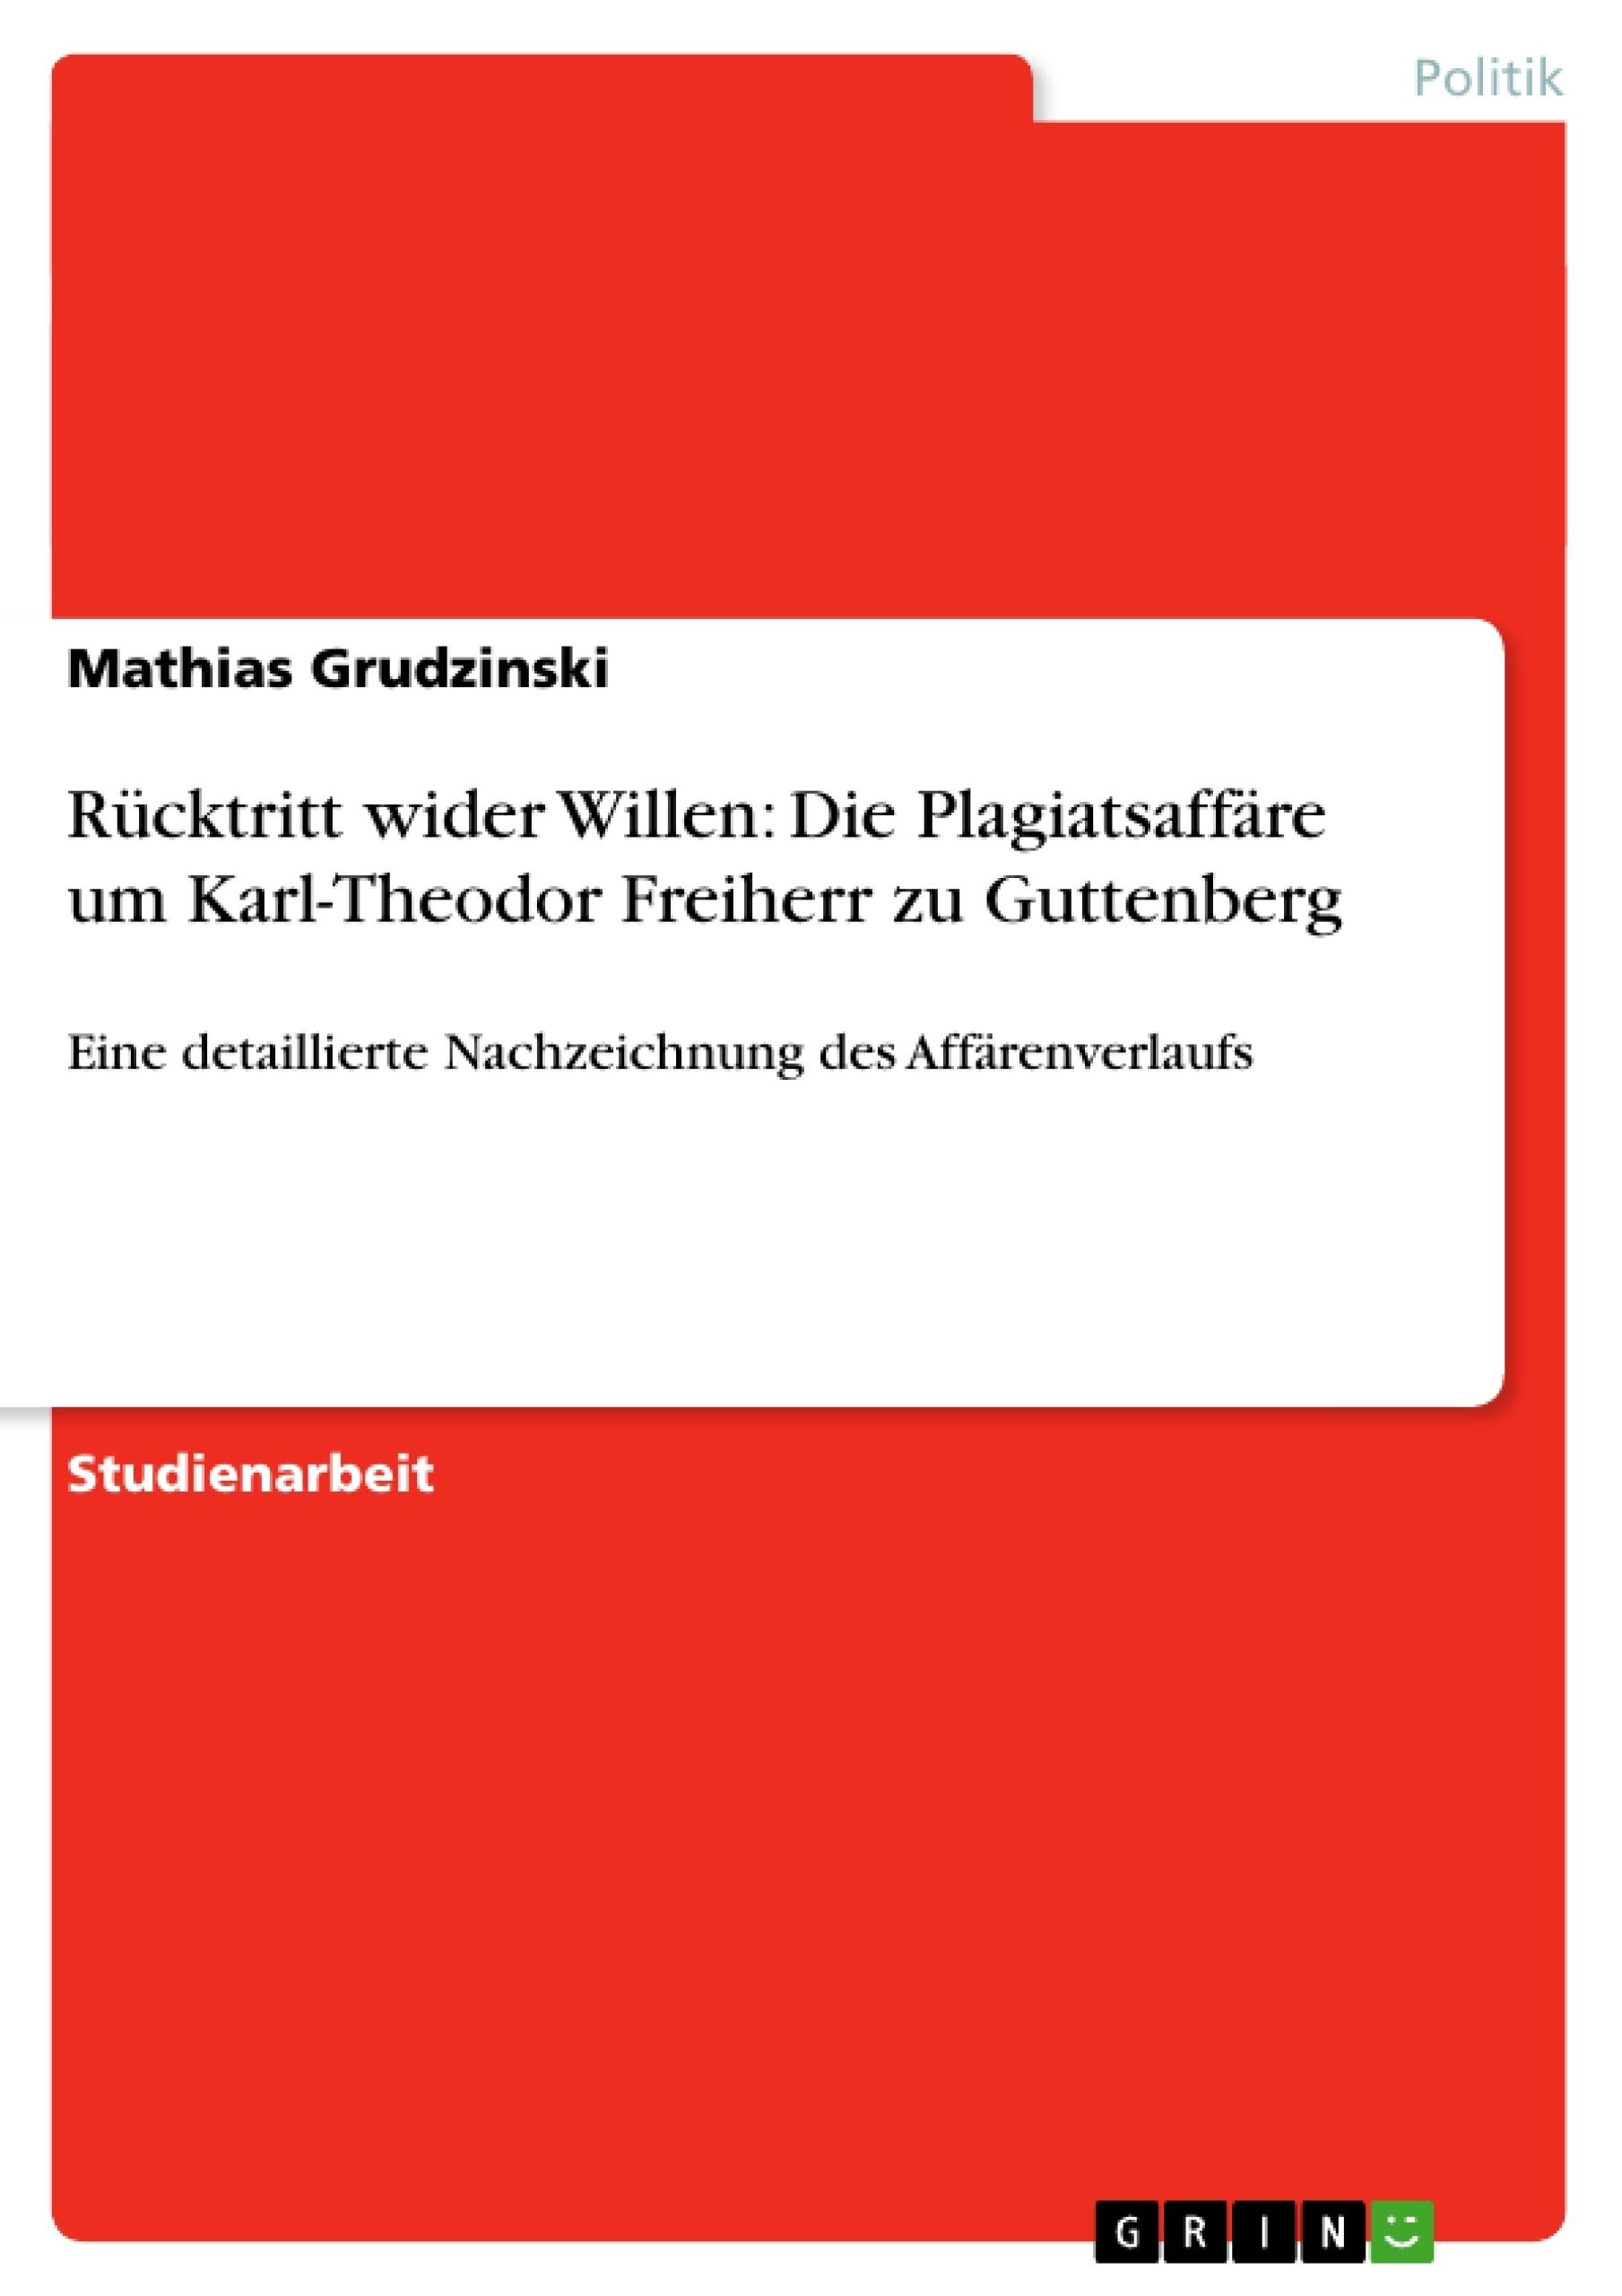 Titel: Rücktritt wider Willen: Die Plagiatsaffäre um Karl-Theodor Freiherr zu Guttenberg